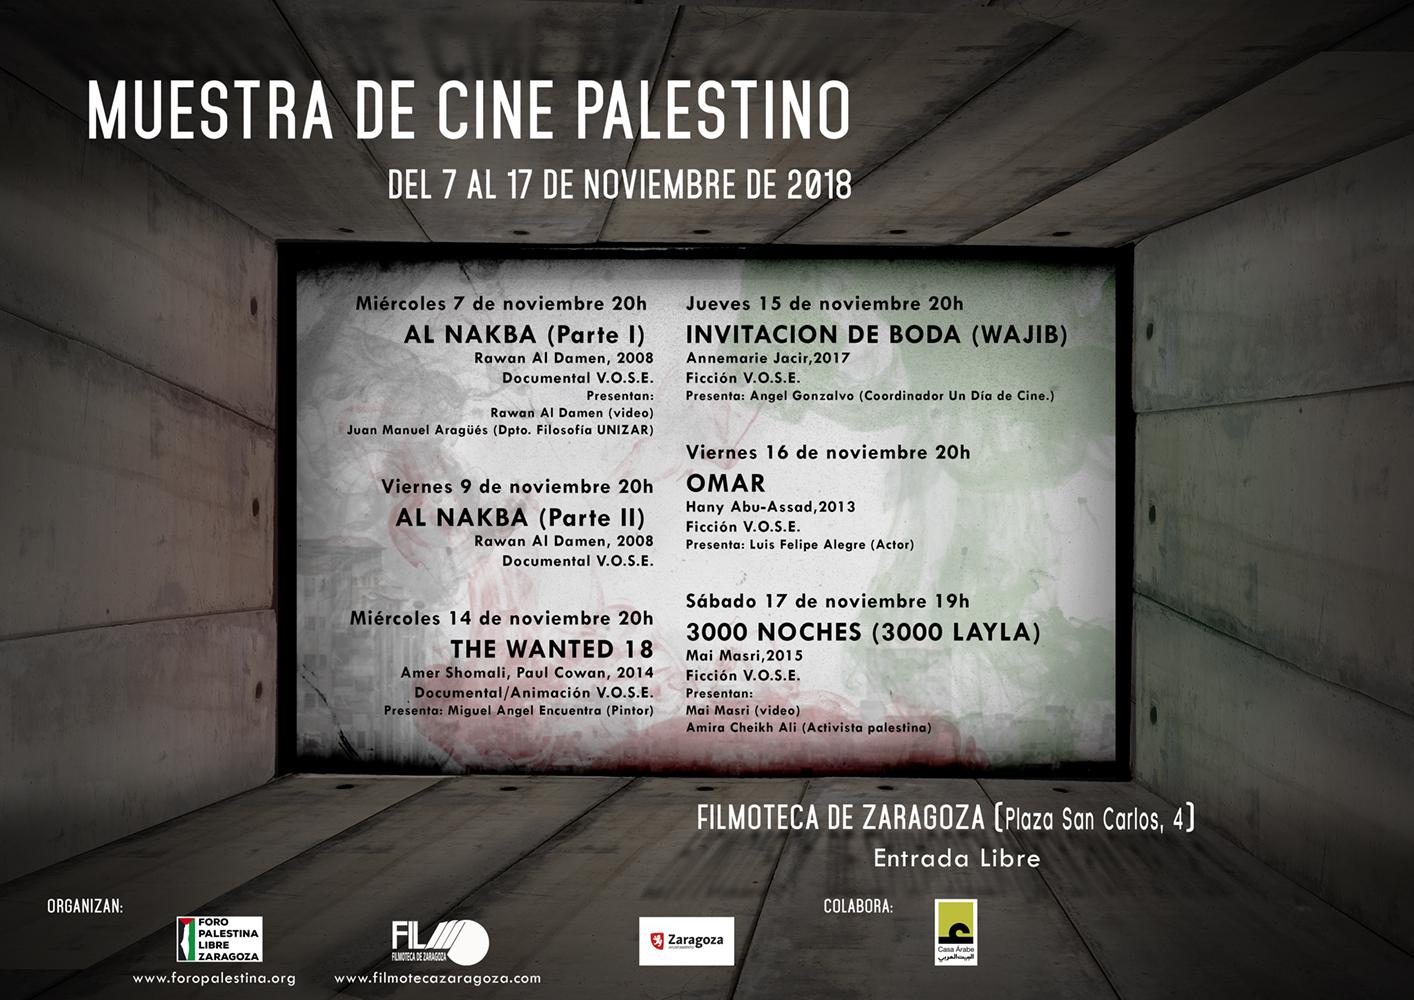 Muestra de cine palestino del 7 al 17 de noviembre en  la Filmoteca de Zaragoza